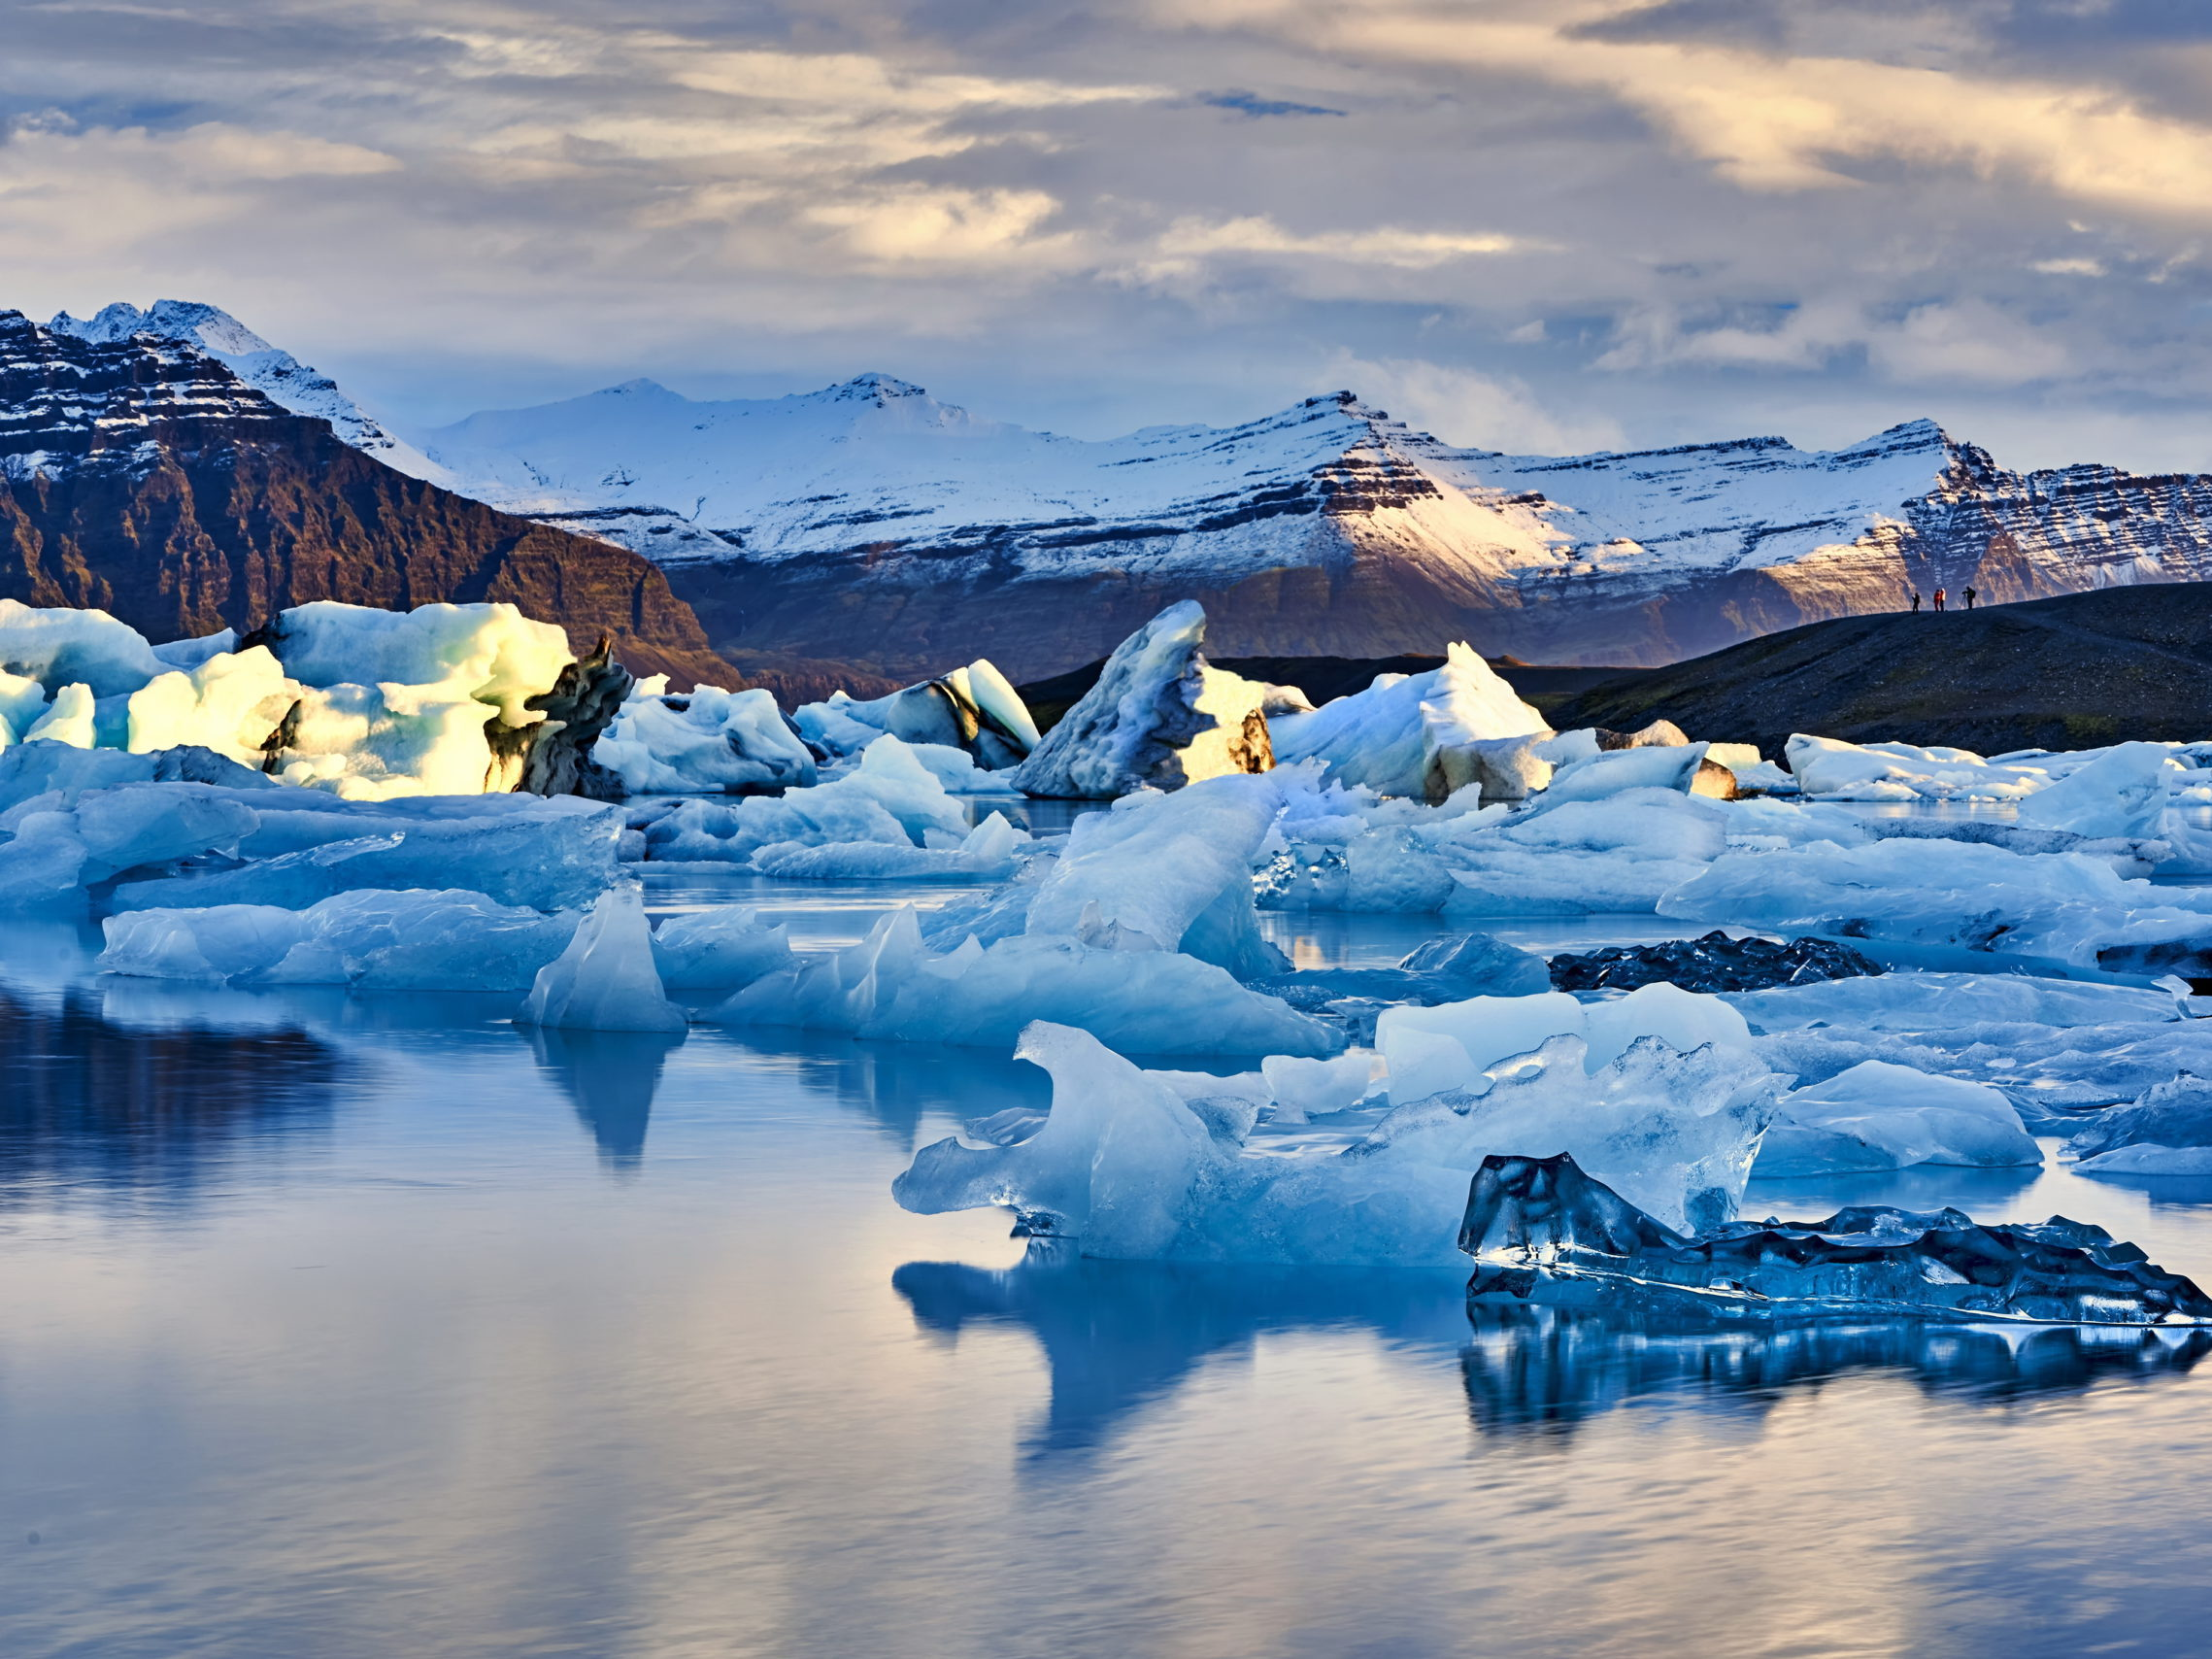 Costa Cruises -IJsland 7-Cruisemarkt.eu